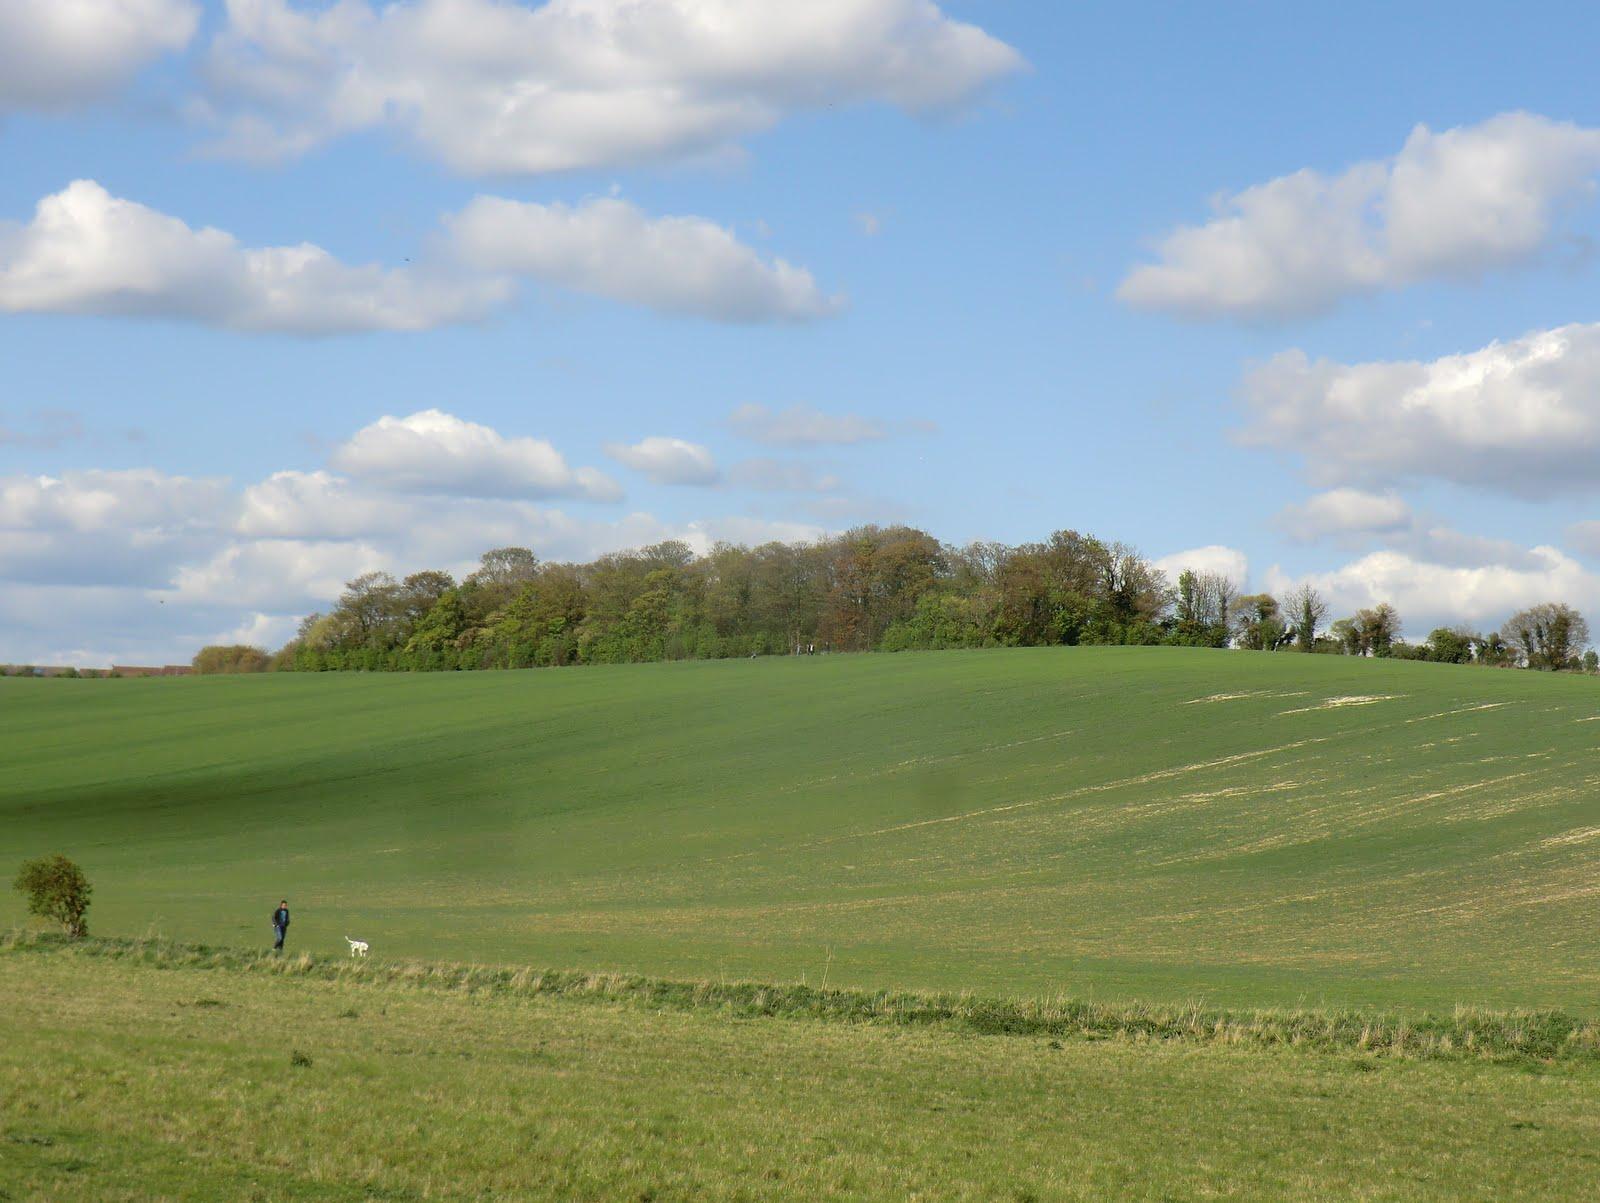 CIMG9797 Essex farmland in early spring